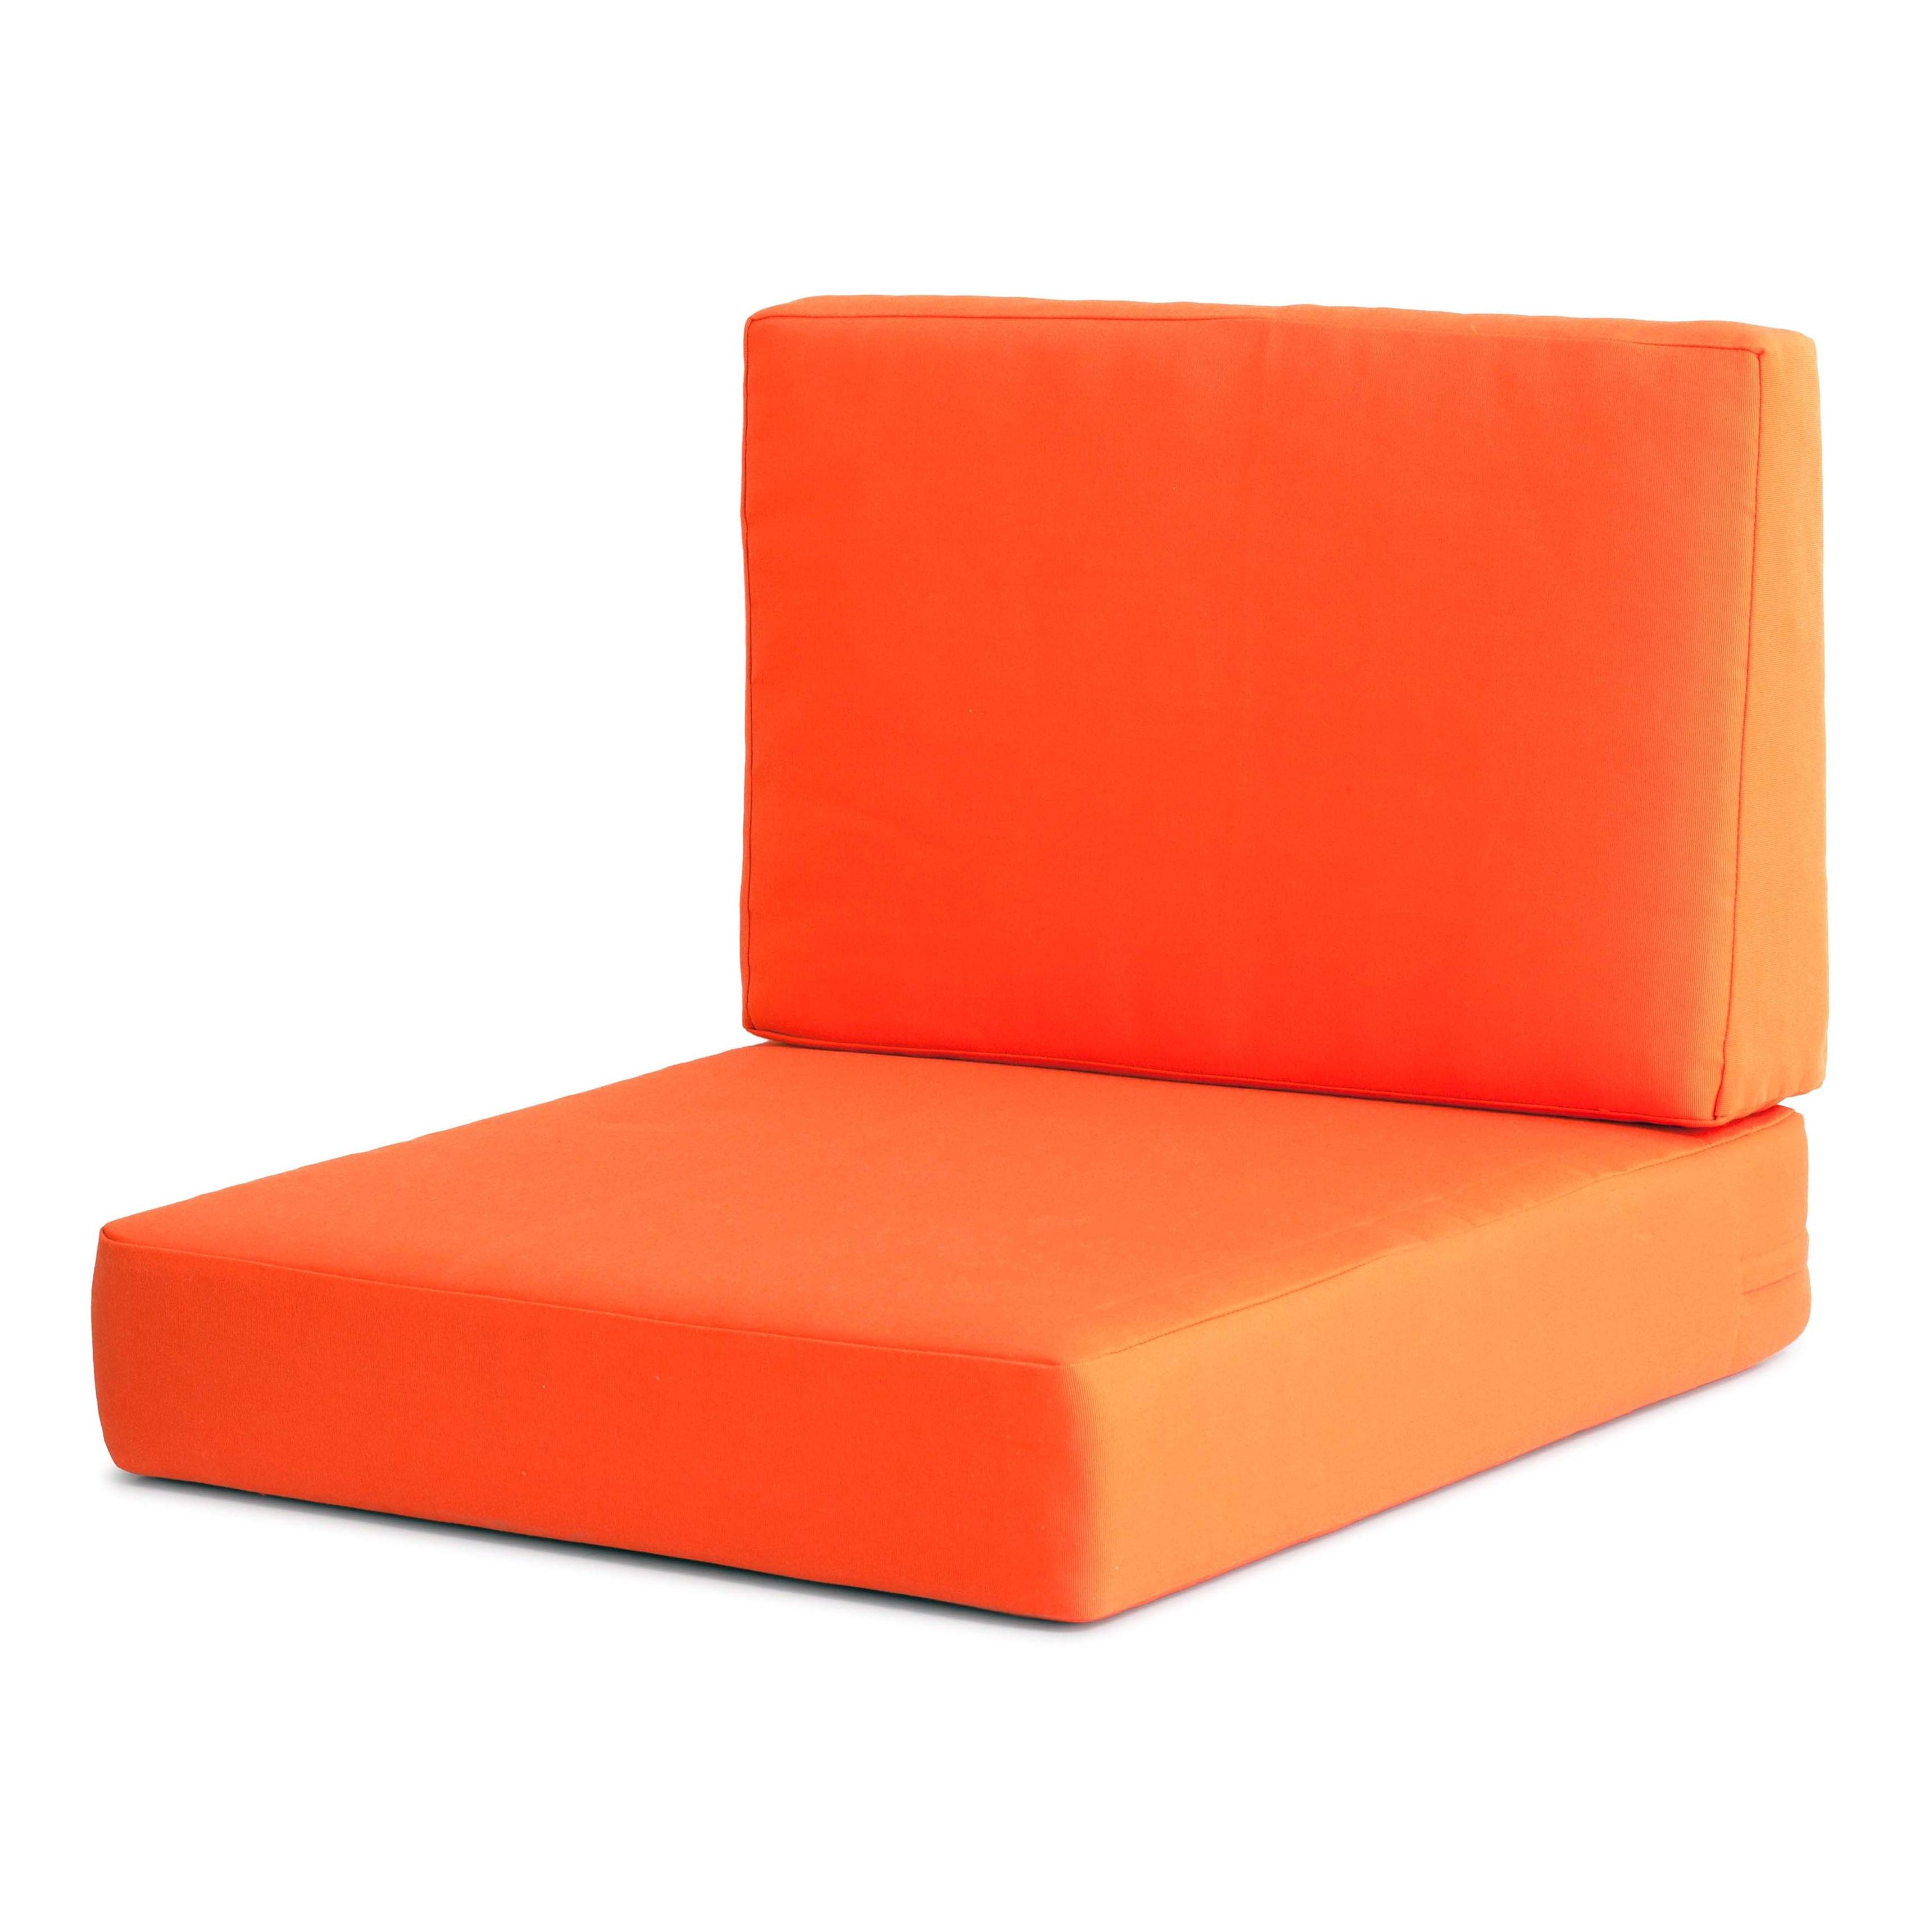 Gel Seat Cushion For Desk Chair Home Design Ideas